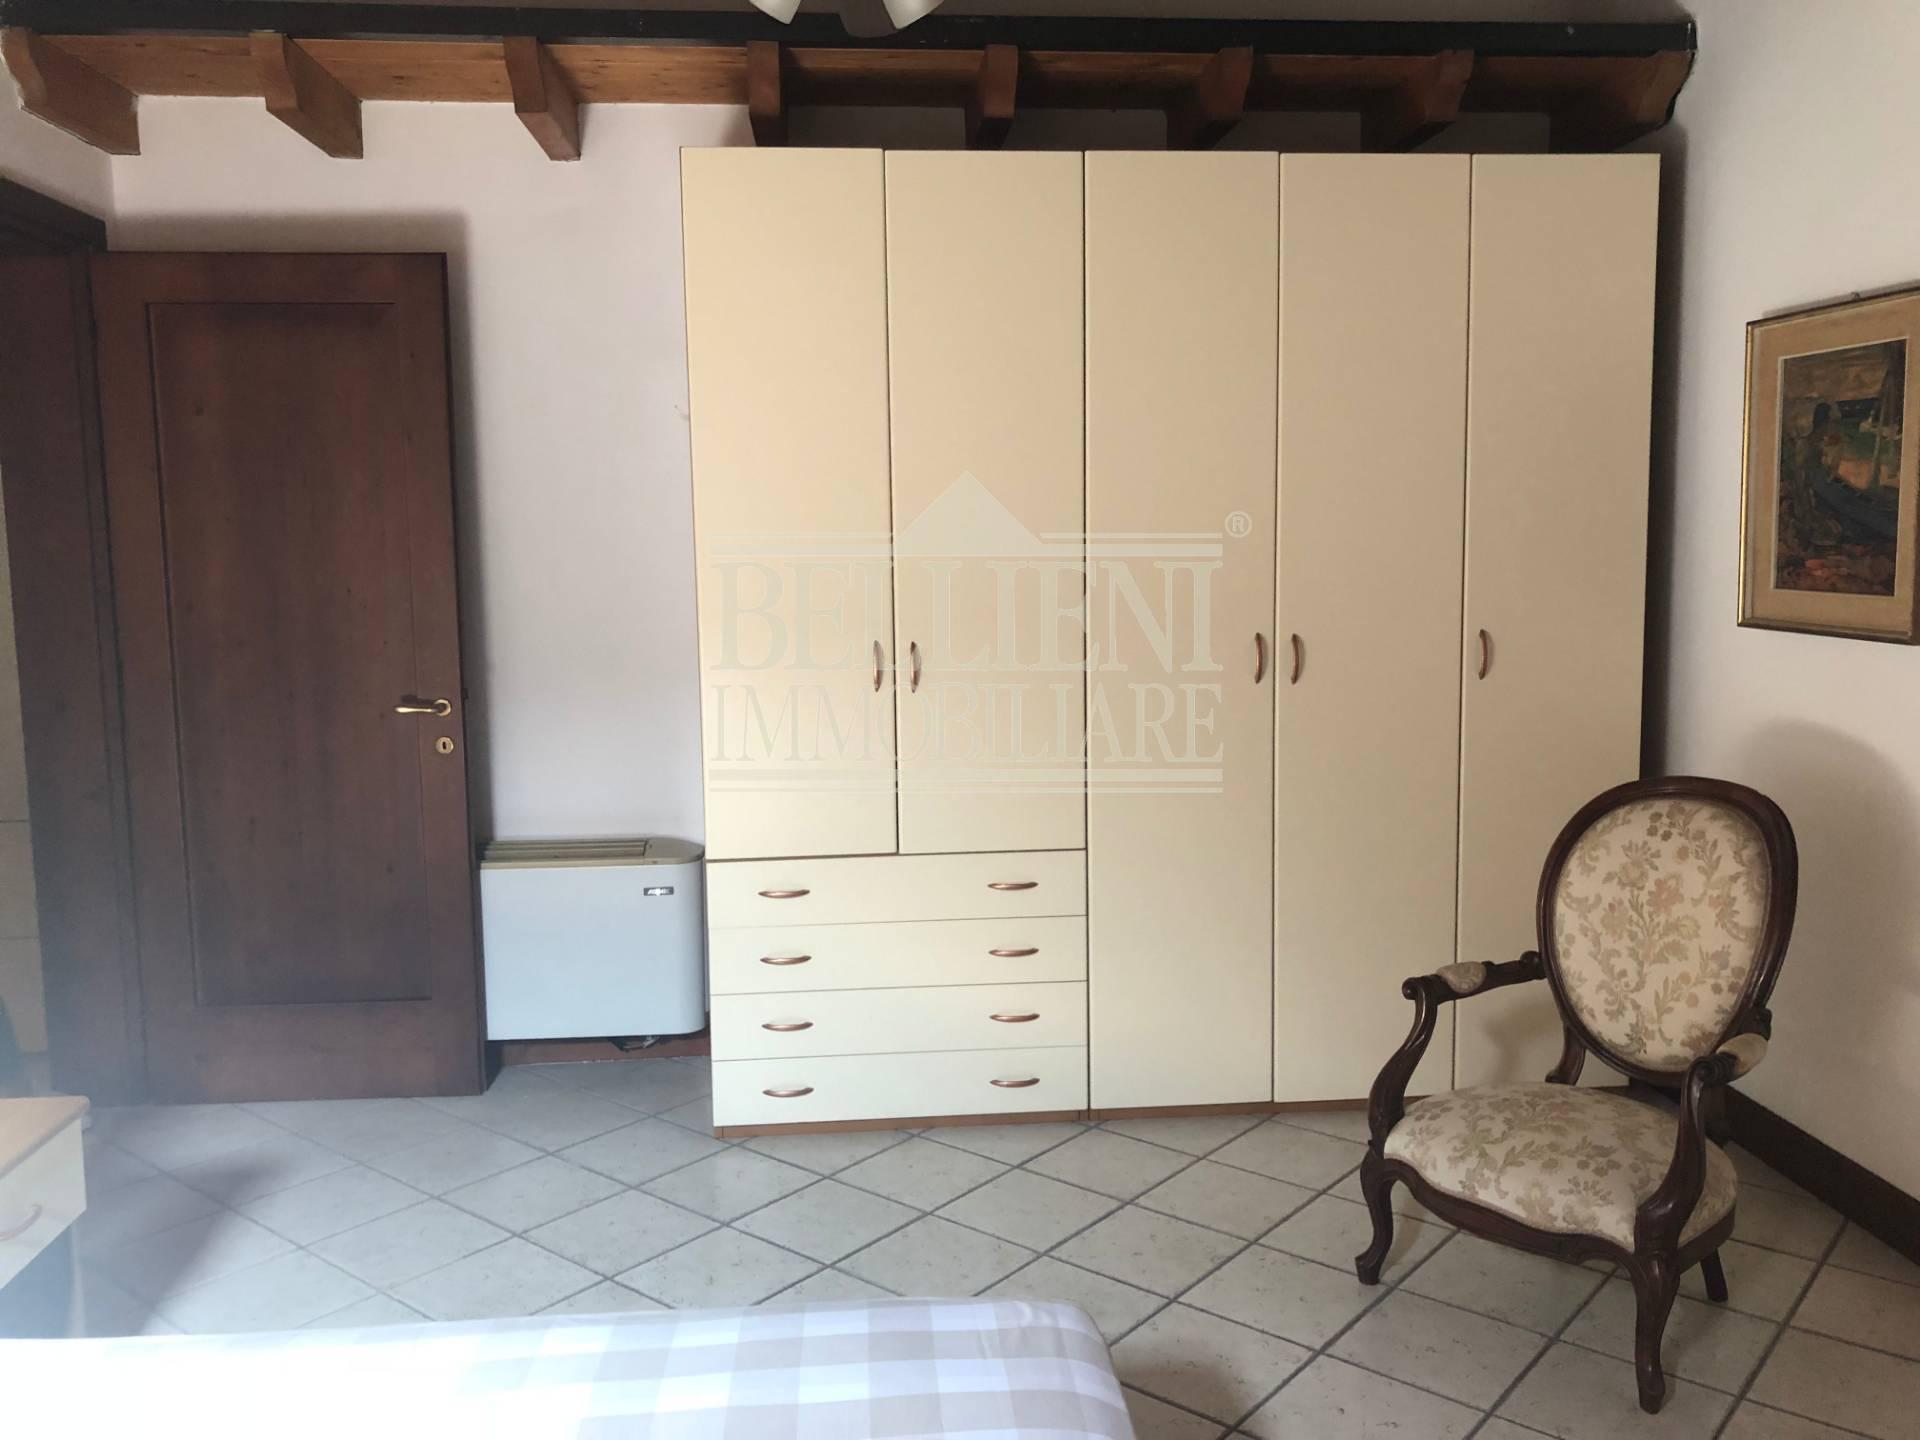 Mini arredato in affitto a vicenza cod ma153 for Appartamenti arredati in affitto a vicenza